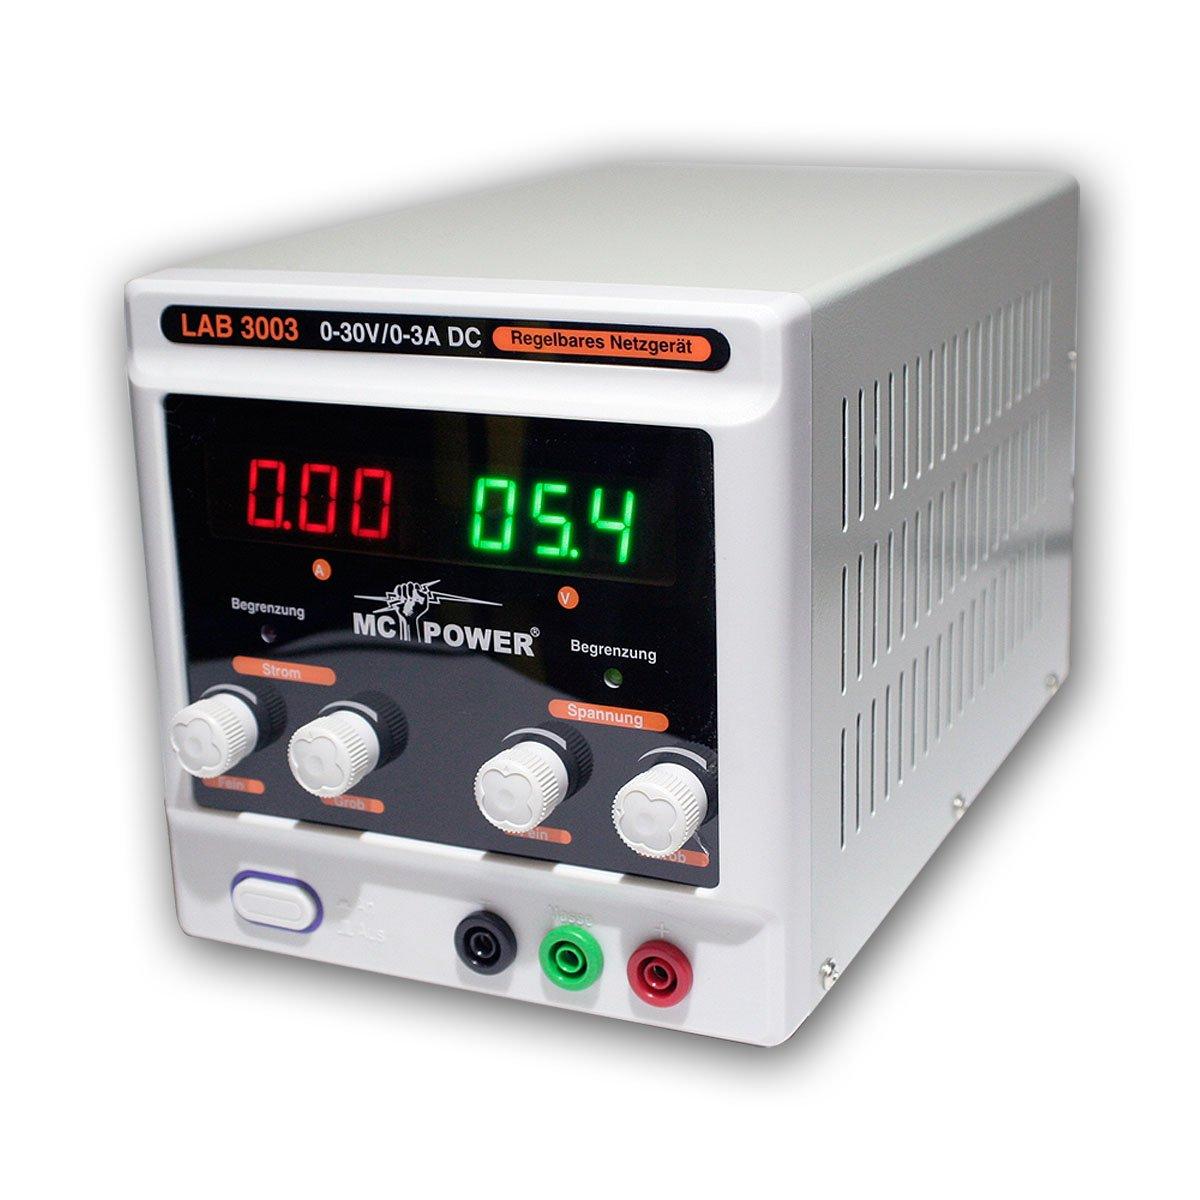 Labornetzgerät McPower LAB3003 030V, 03A regelbar  Überprüfung und Beschreibung